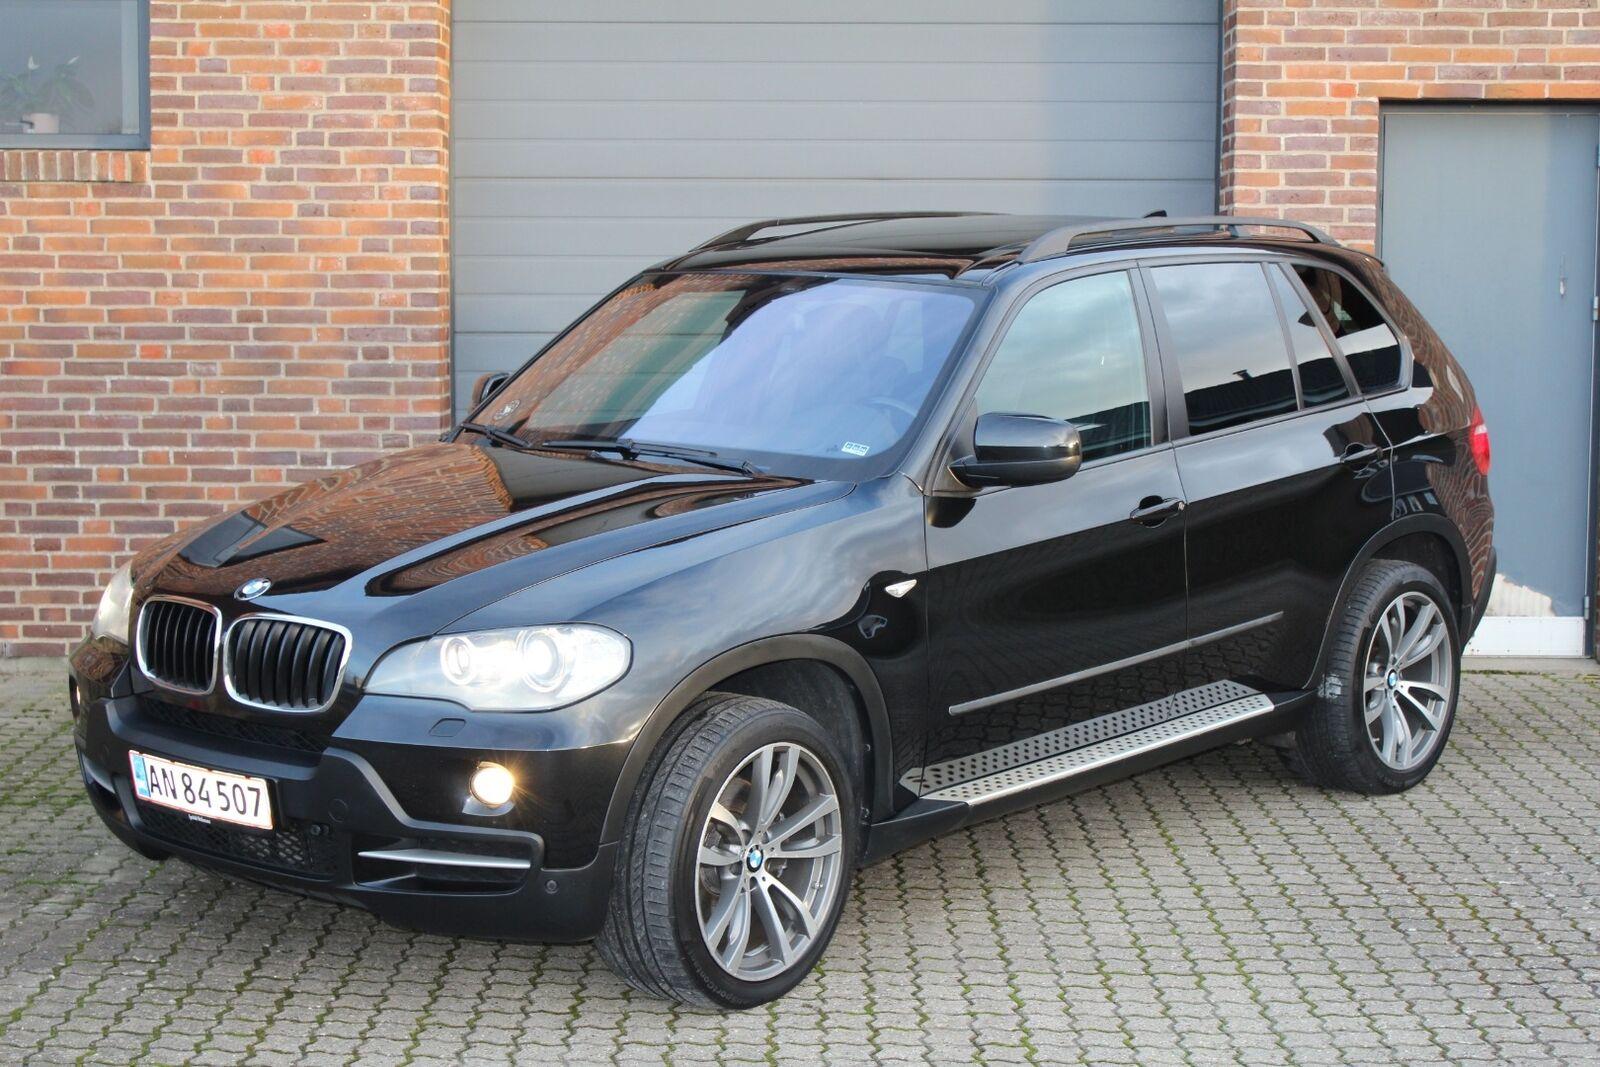 BMW X5 3,0 xDrive30d aut. 5d - 164.900 kr.